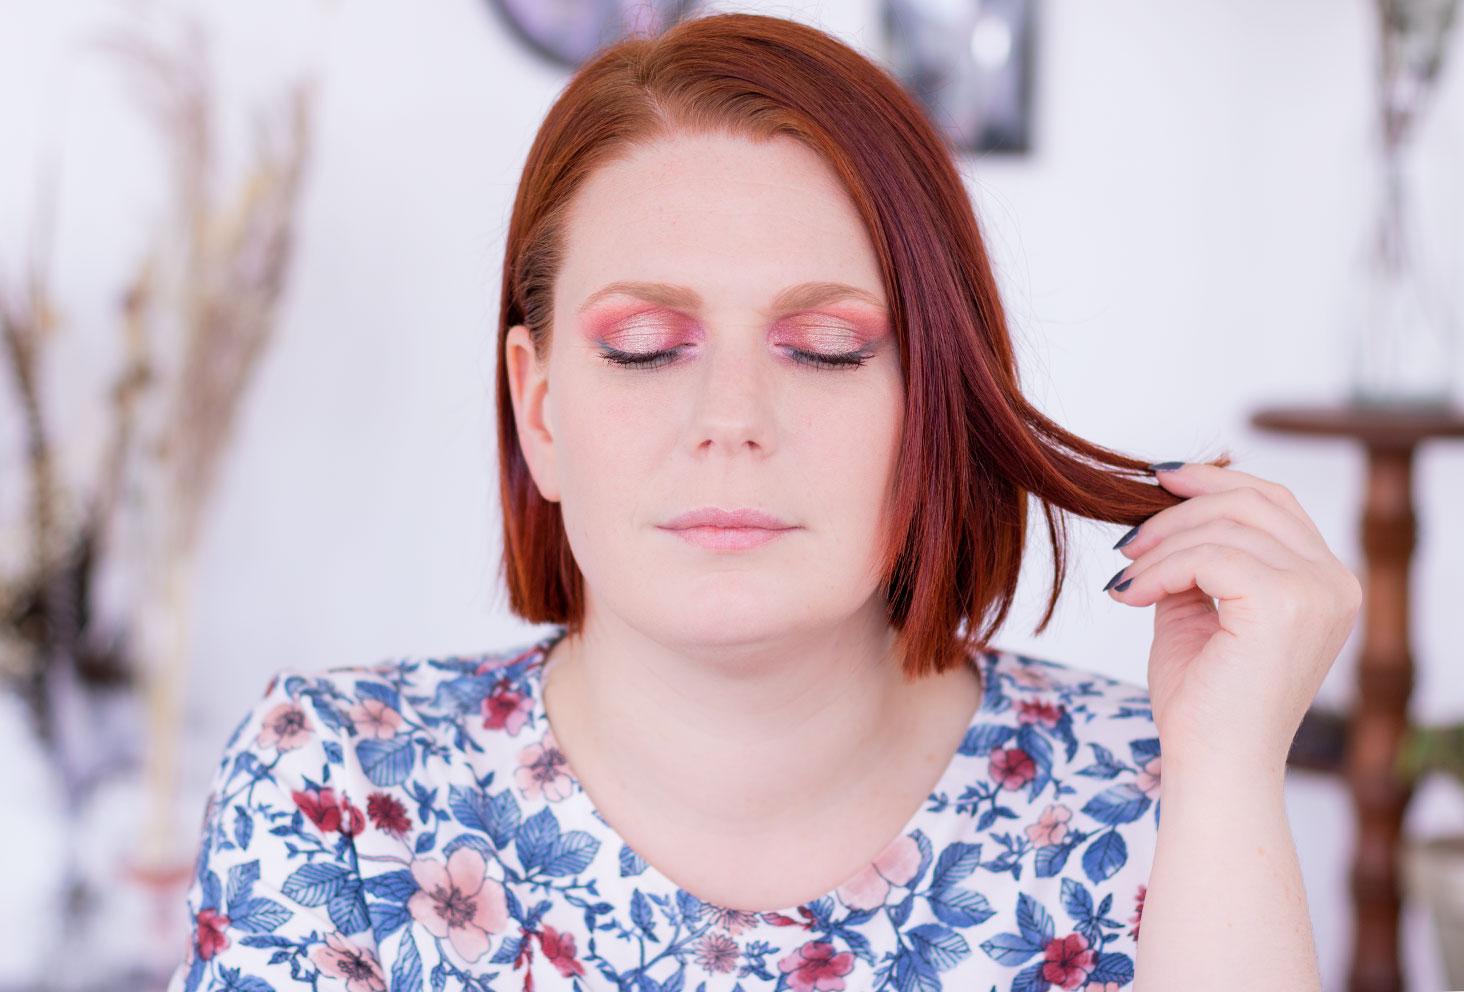 Maquillage coloré réalisé avec la palette Moroccan Spice en intérieur sur les yeux fermés